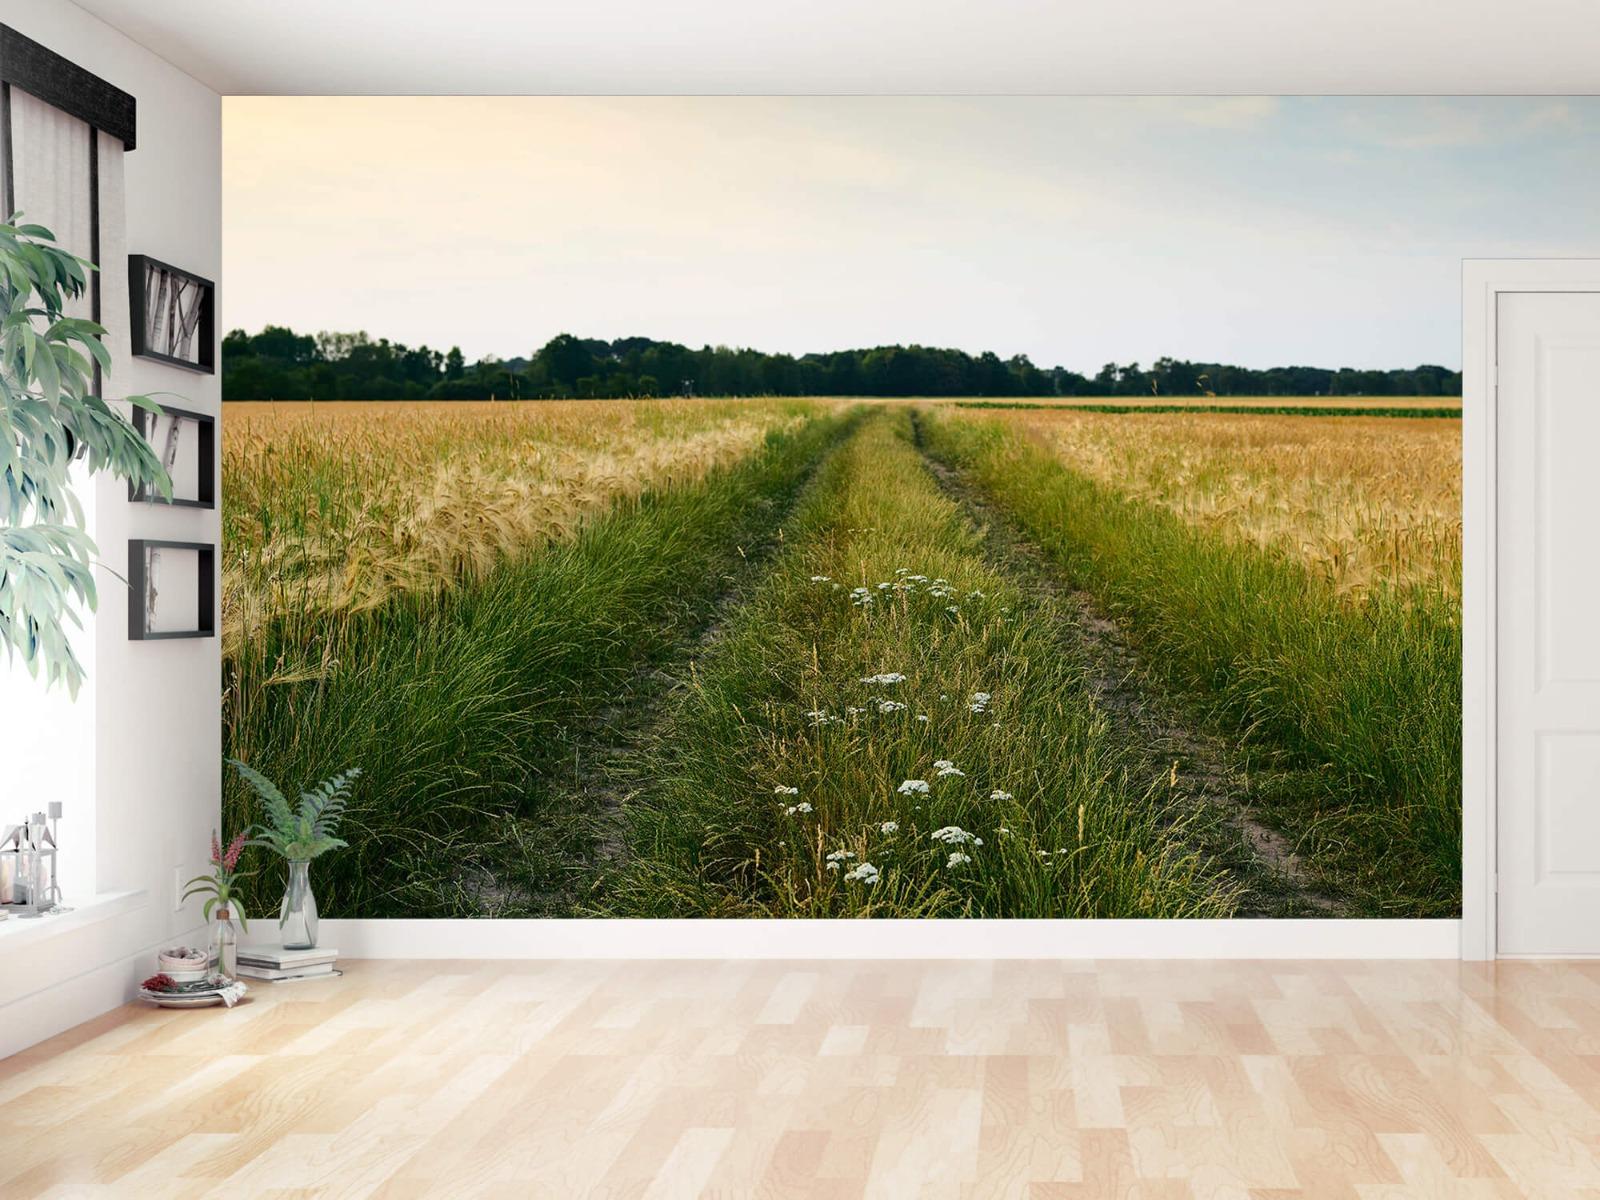 Landschap - Spoor in korenveld - Wallexclusive - Slaapkamer 13